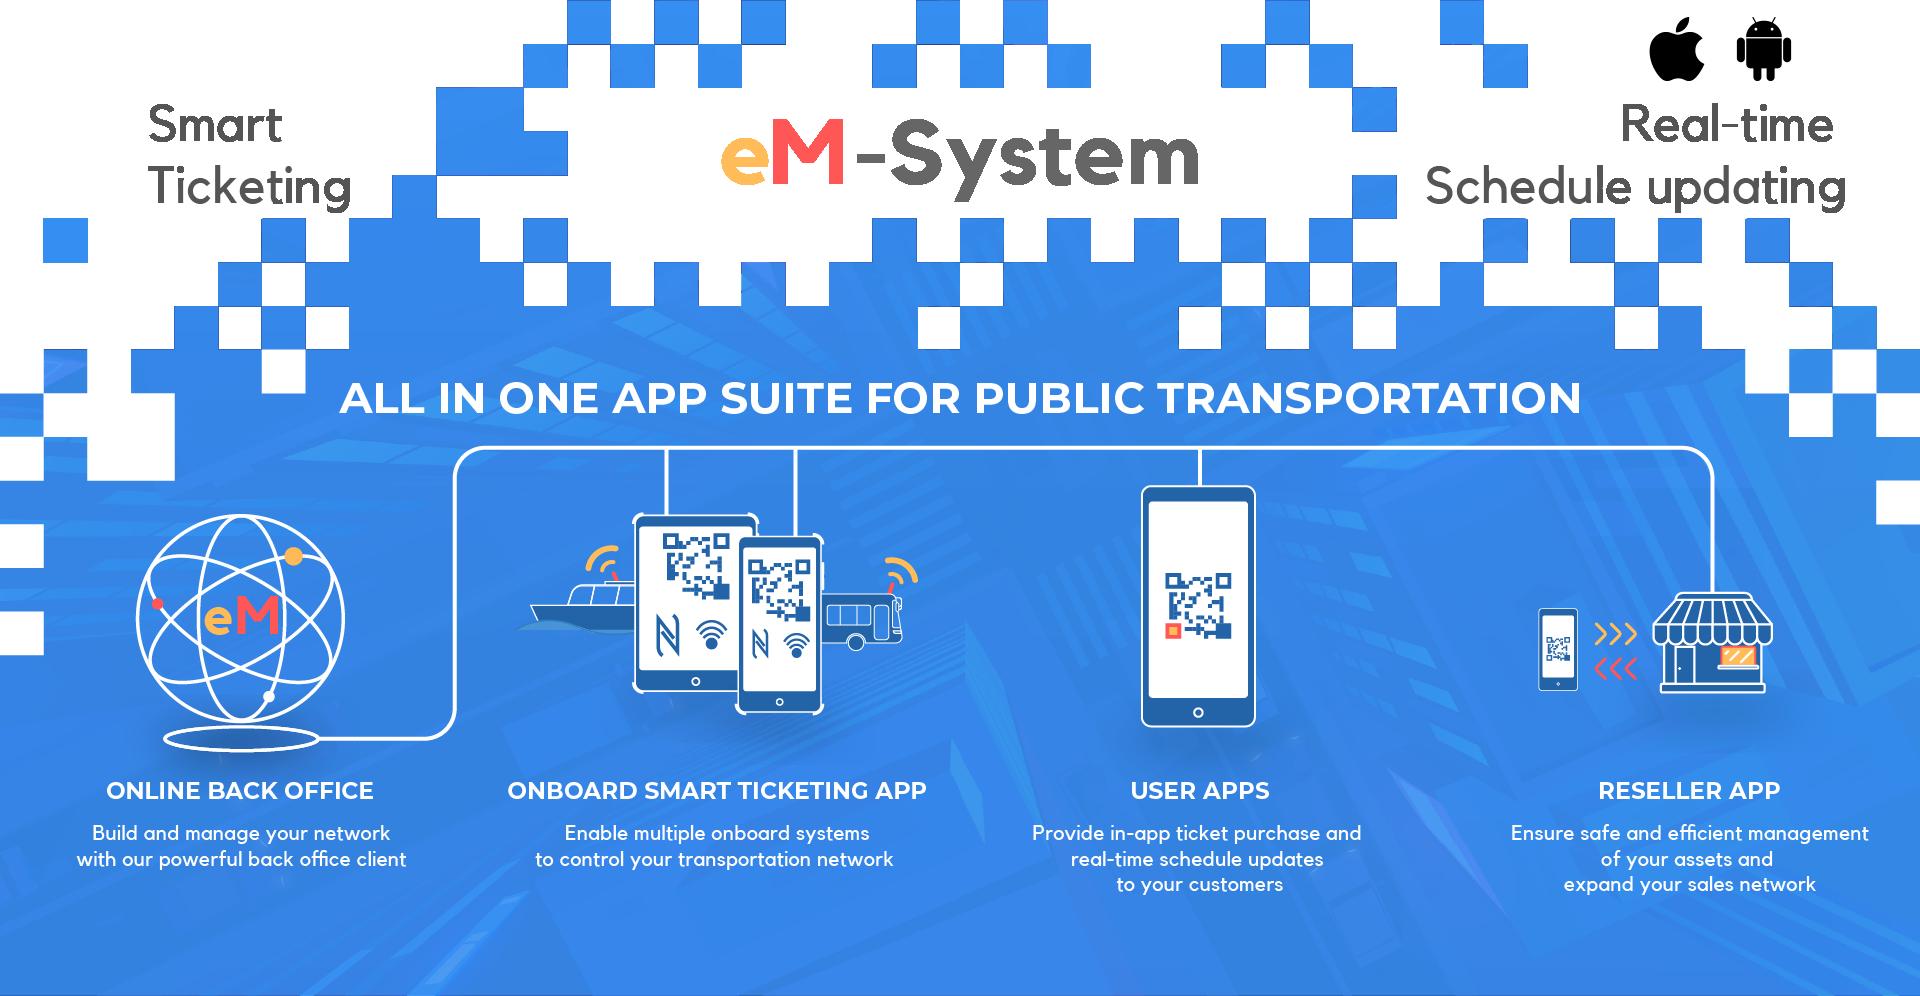 eM-System